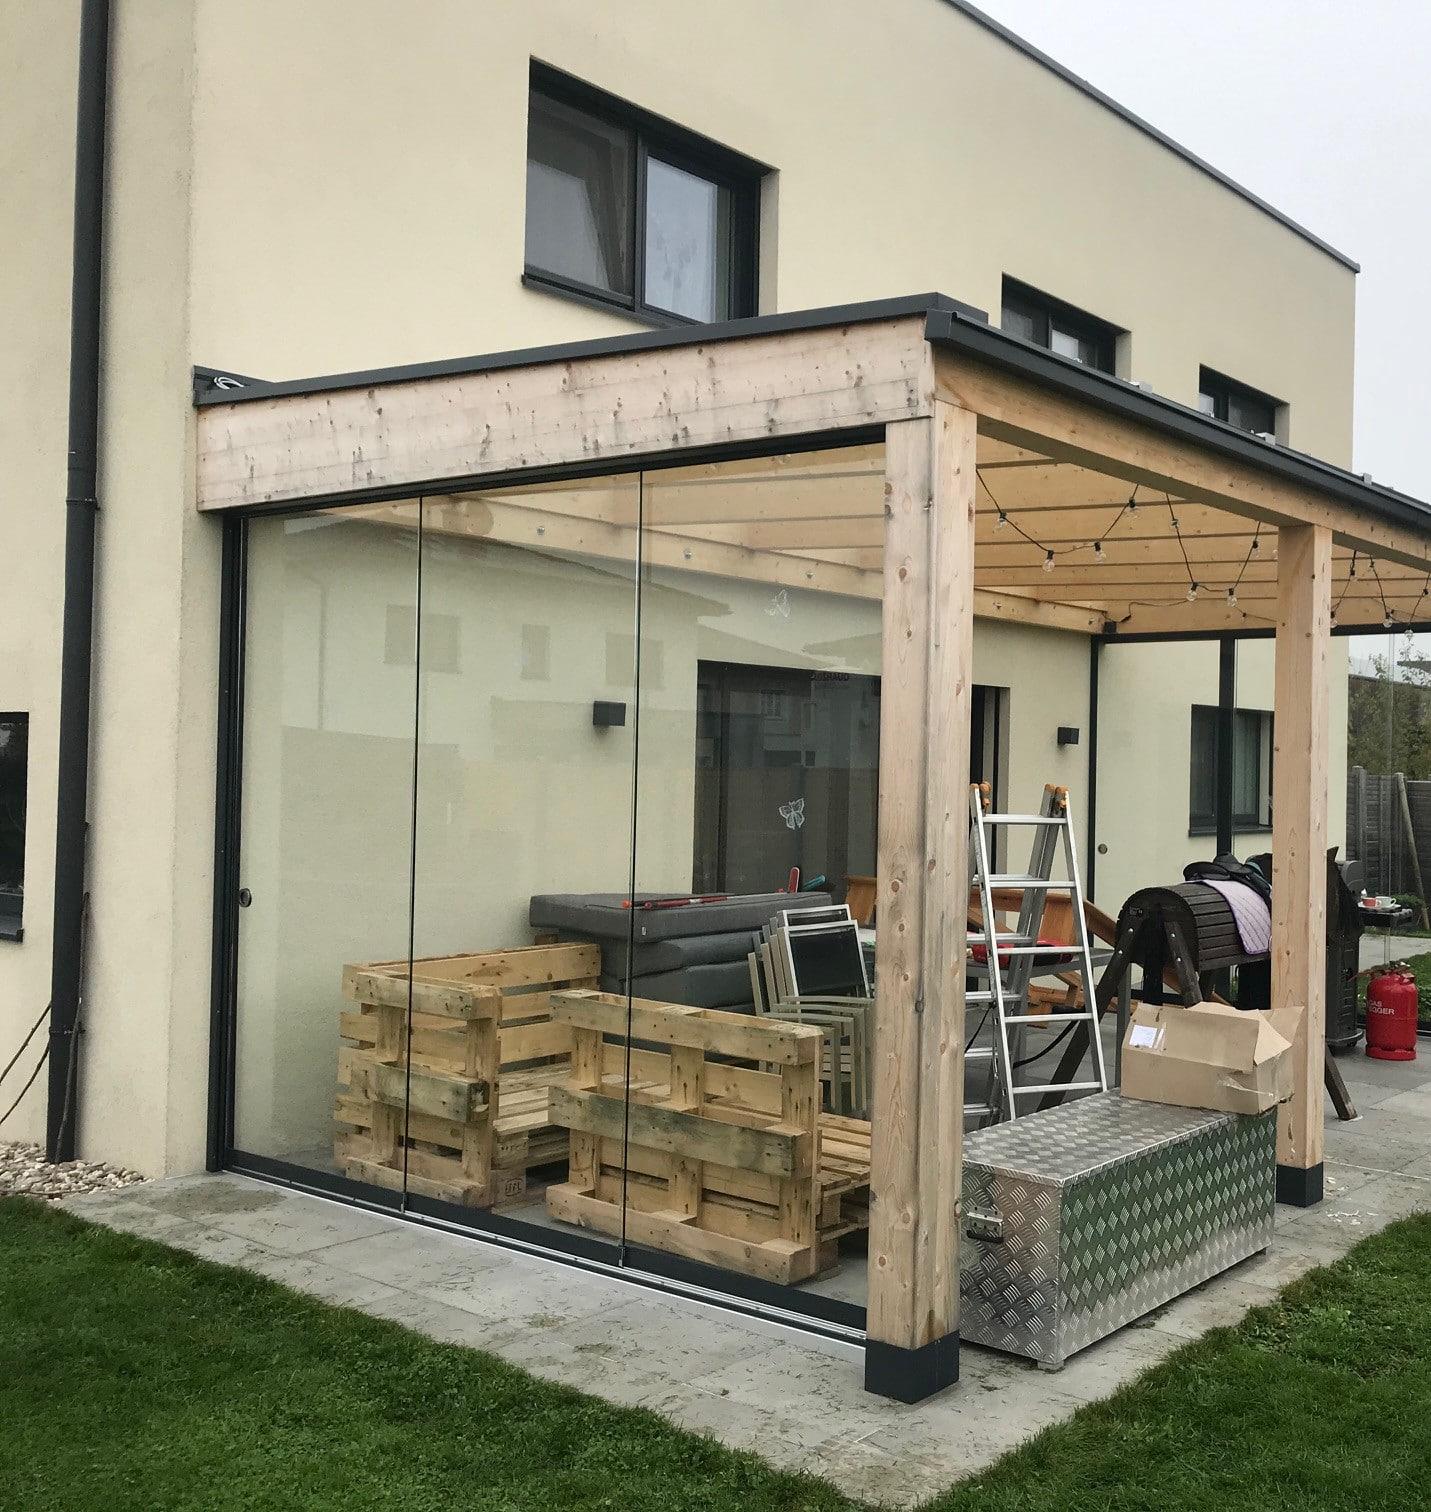 Seitenwand als Schiebetüre für eine bestehende Holzüberdachung